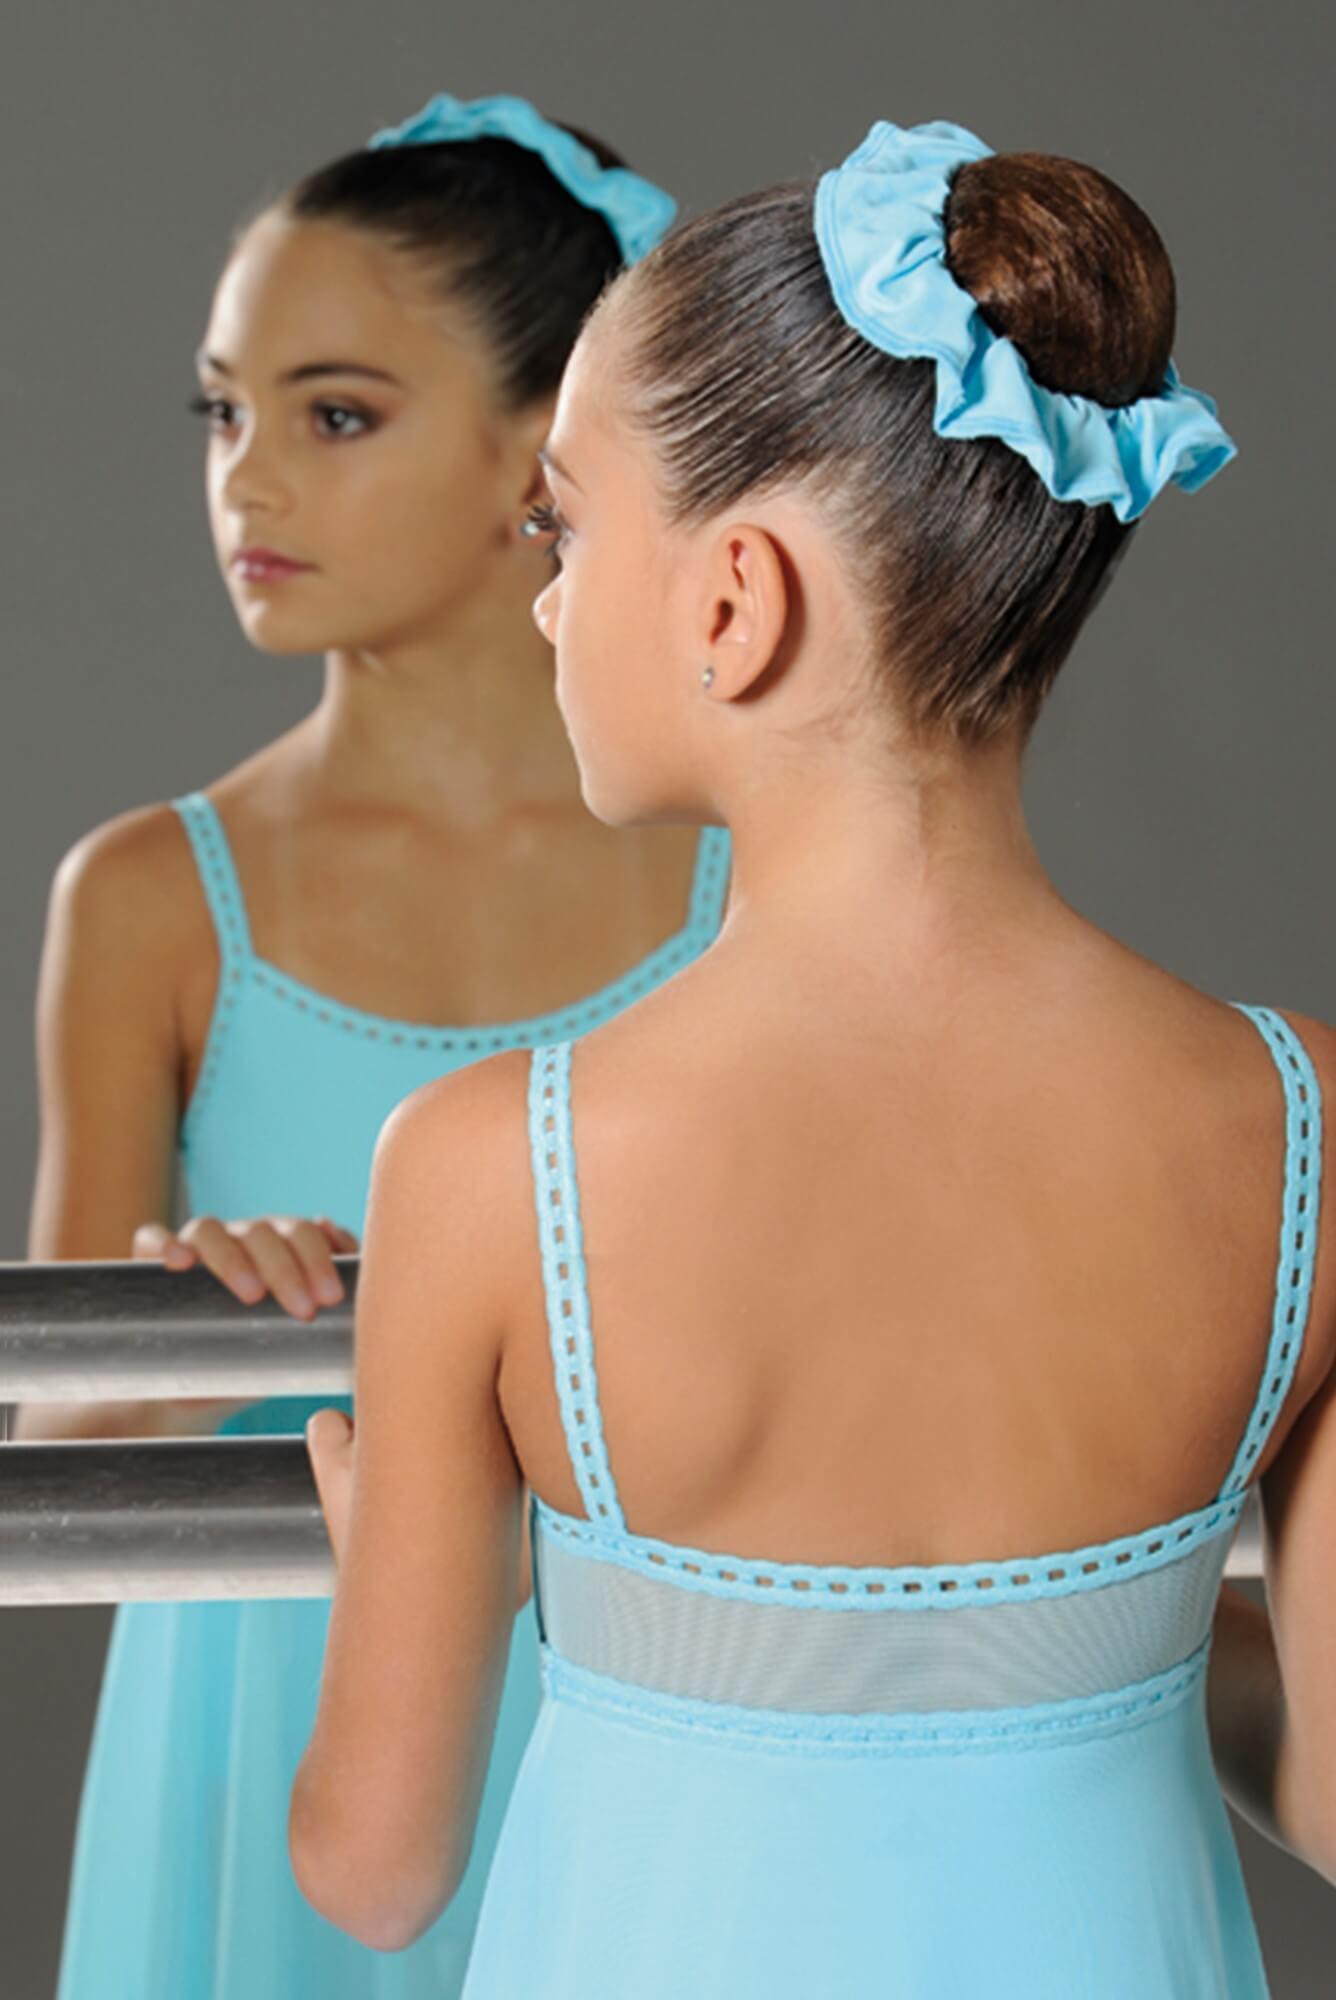 Wear moi haar scrunchie voor de balletknot